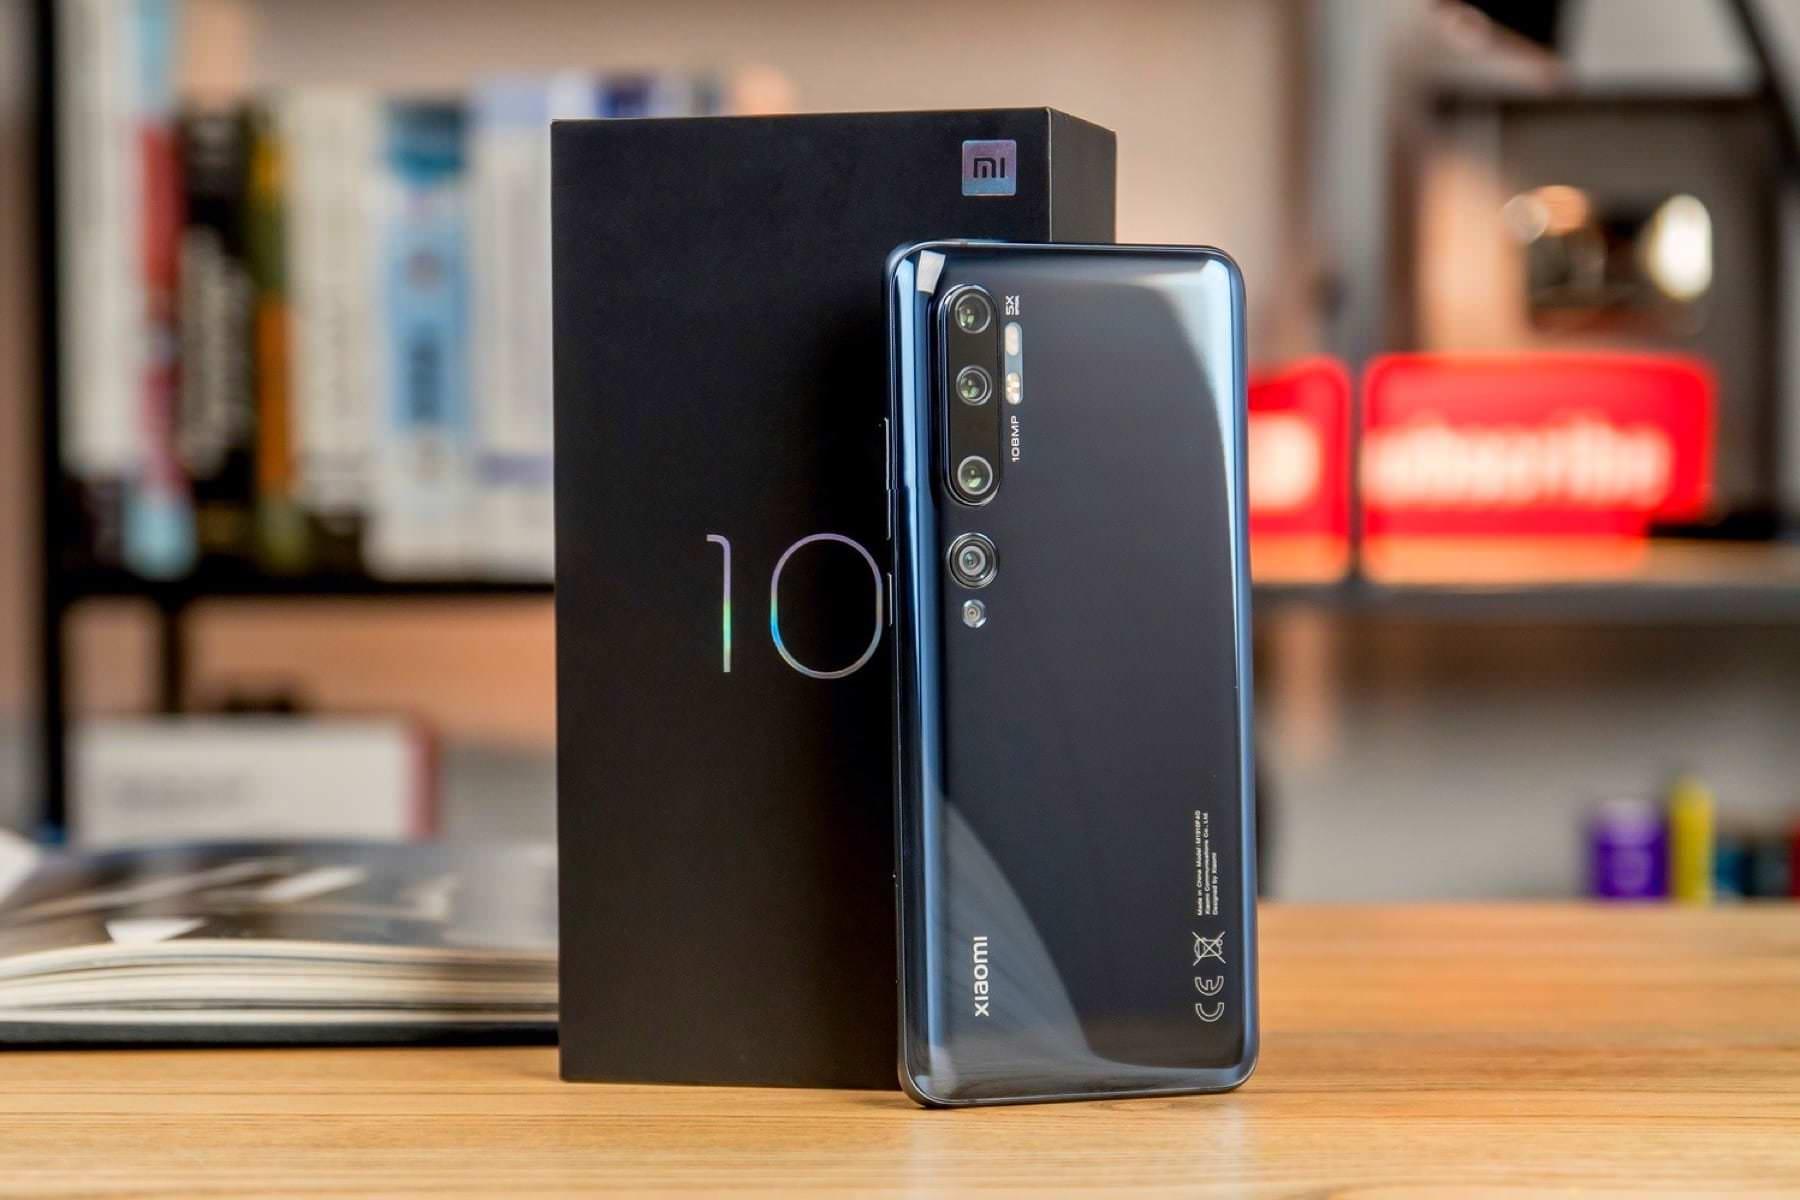 Xiaomi Mi 10'un İngiltere'deki Belirlenen Fiyatı, Türkiye'deki Fiyatına Işık Tutabilir 1